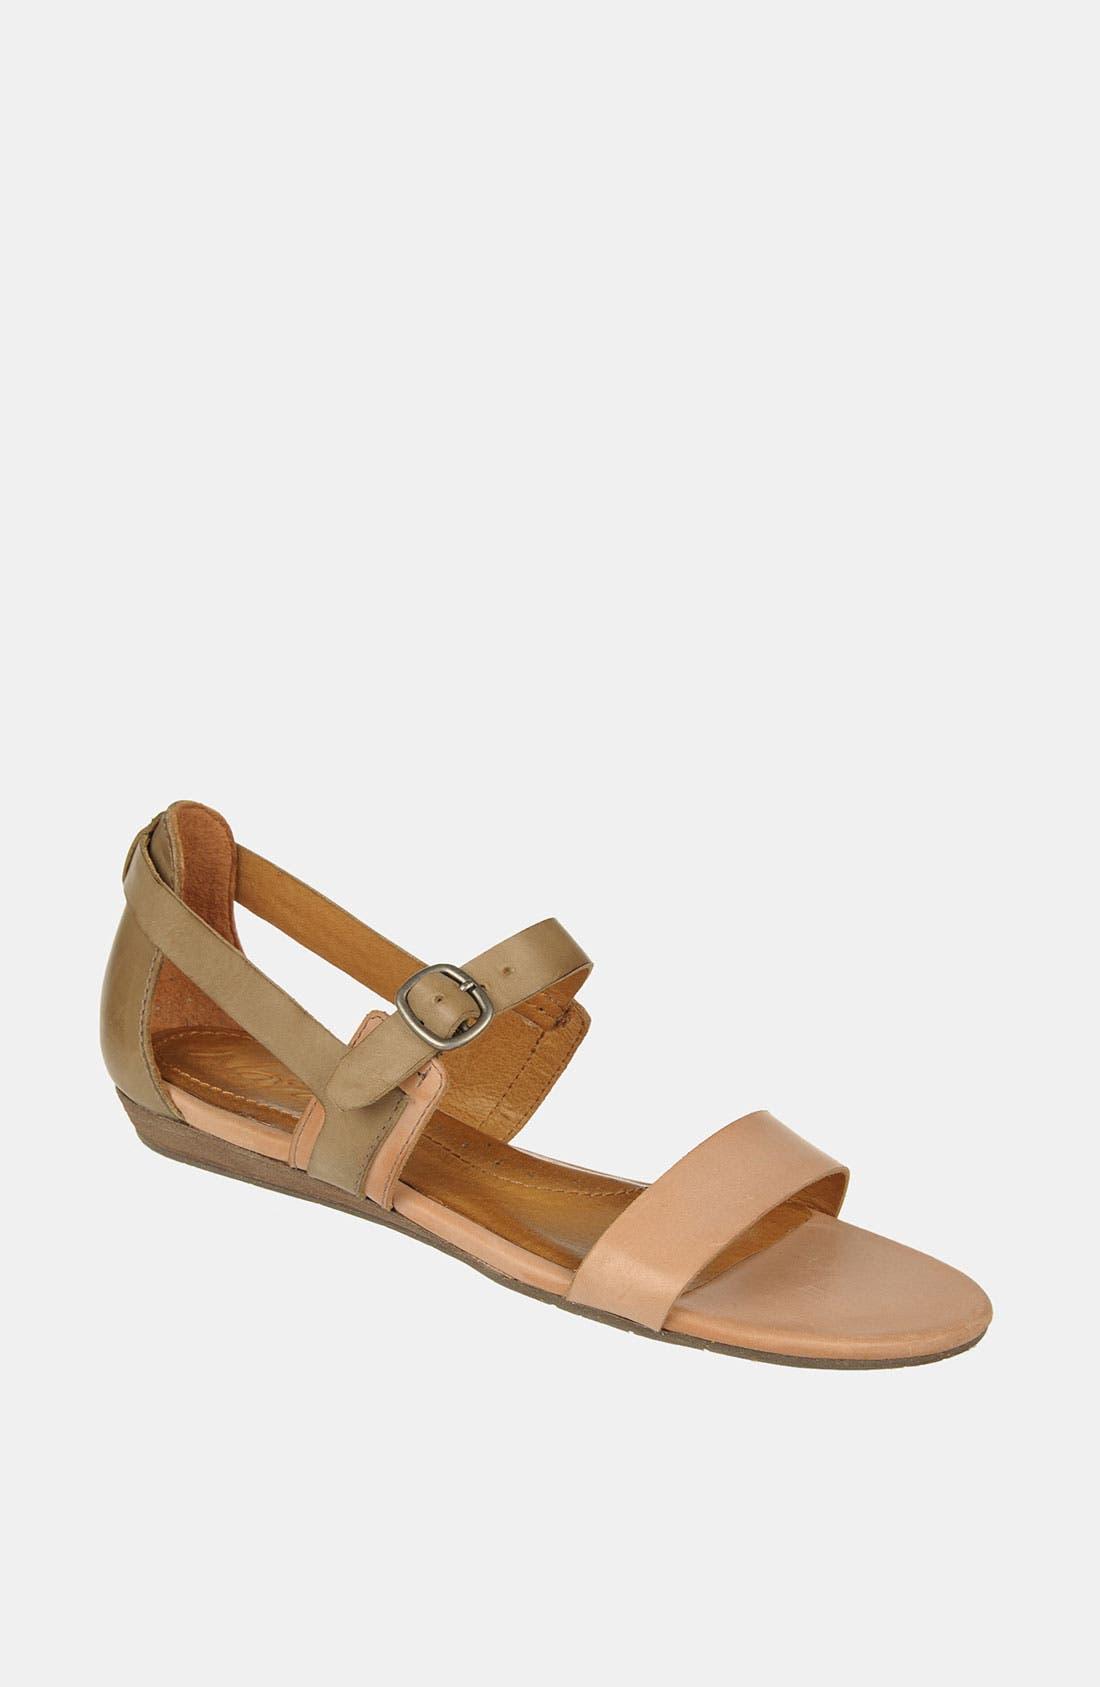 Alternate Image 1 Selected - Naya 'Helena' Sandal (Online Only)